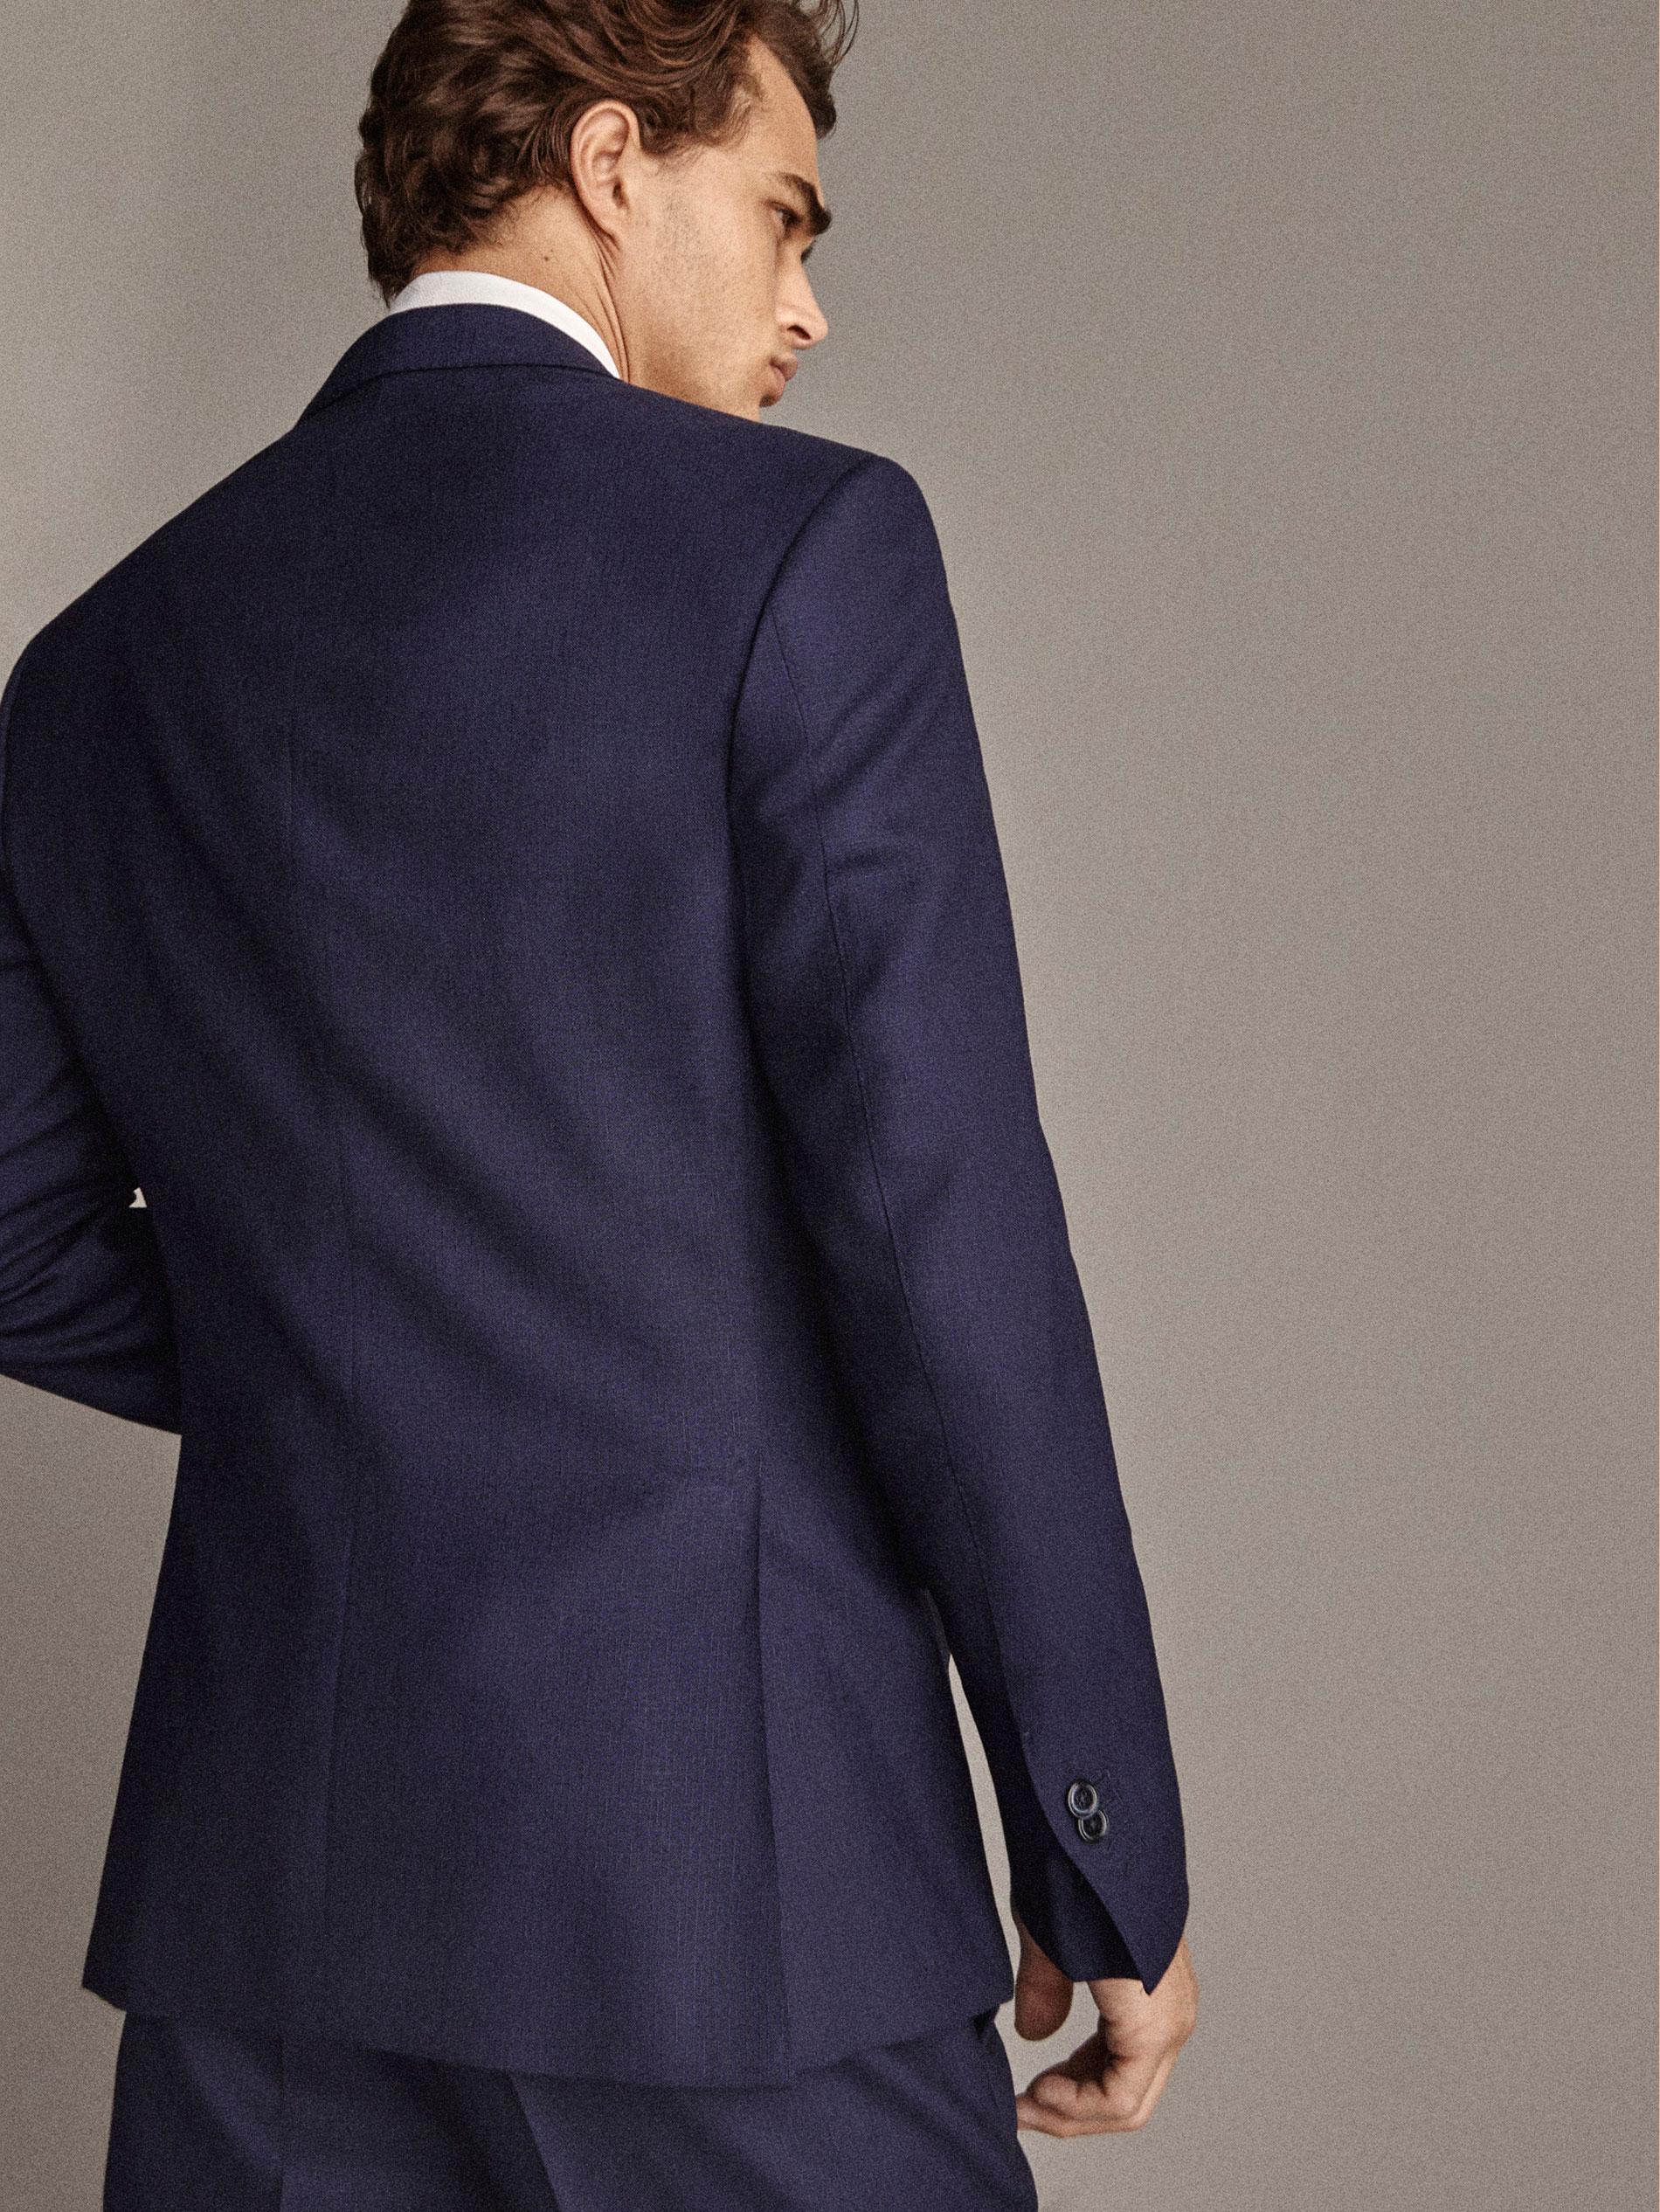 Texturée Laine Semi Bleu Tailoring Personal Slim Marine Entoilée BxqdYZY